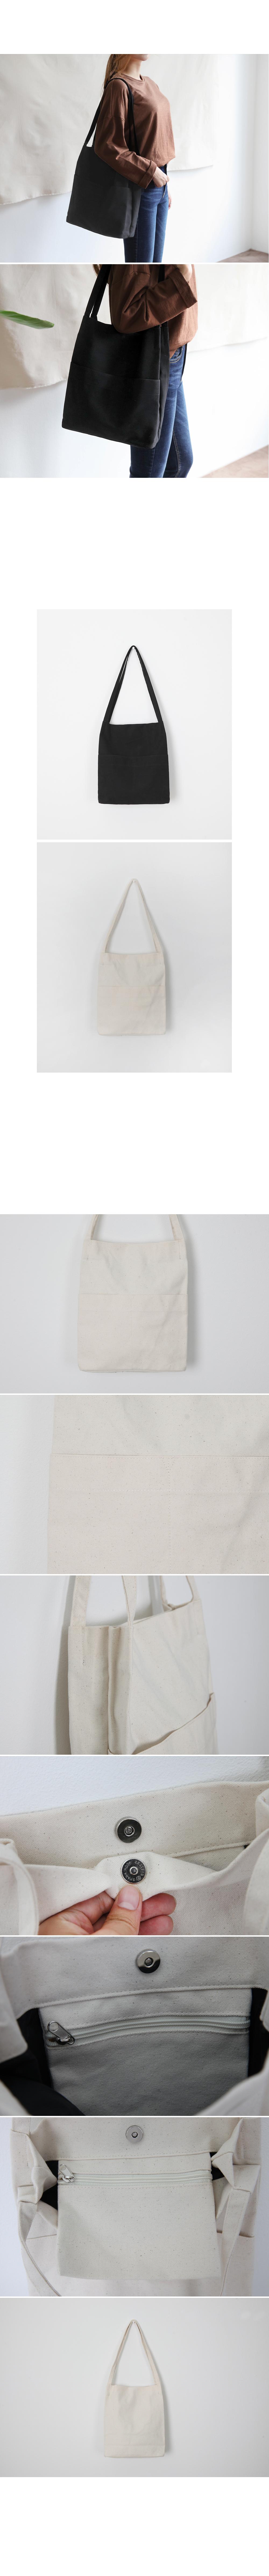 極簡風雙口袋帆布環保袋